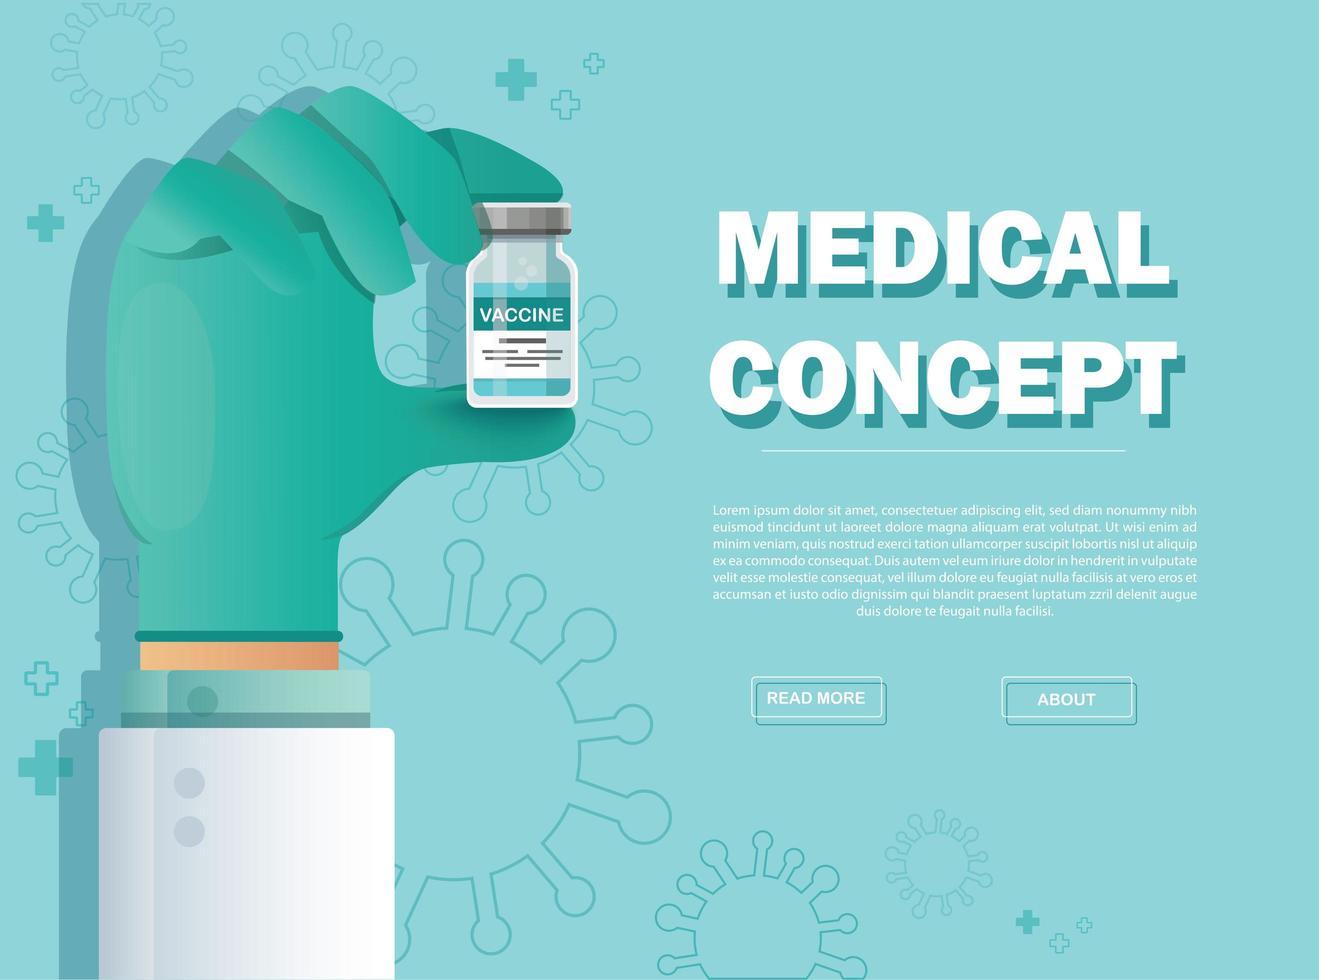 mano sosteniendo el frasco de la vacuna. concepto de vacunación. cuidado y protección de la salud. ilustración vectorial vector